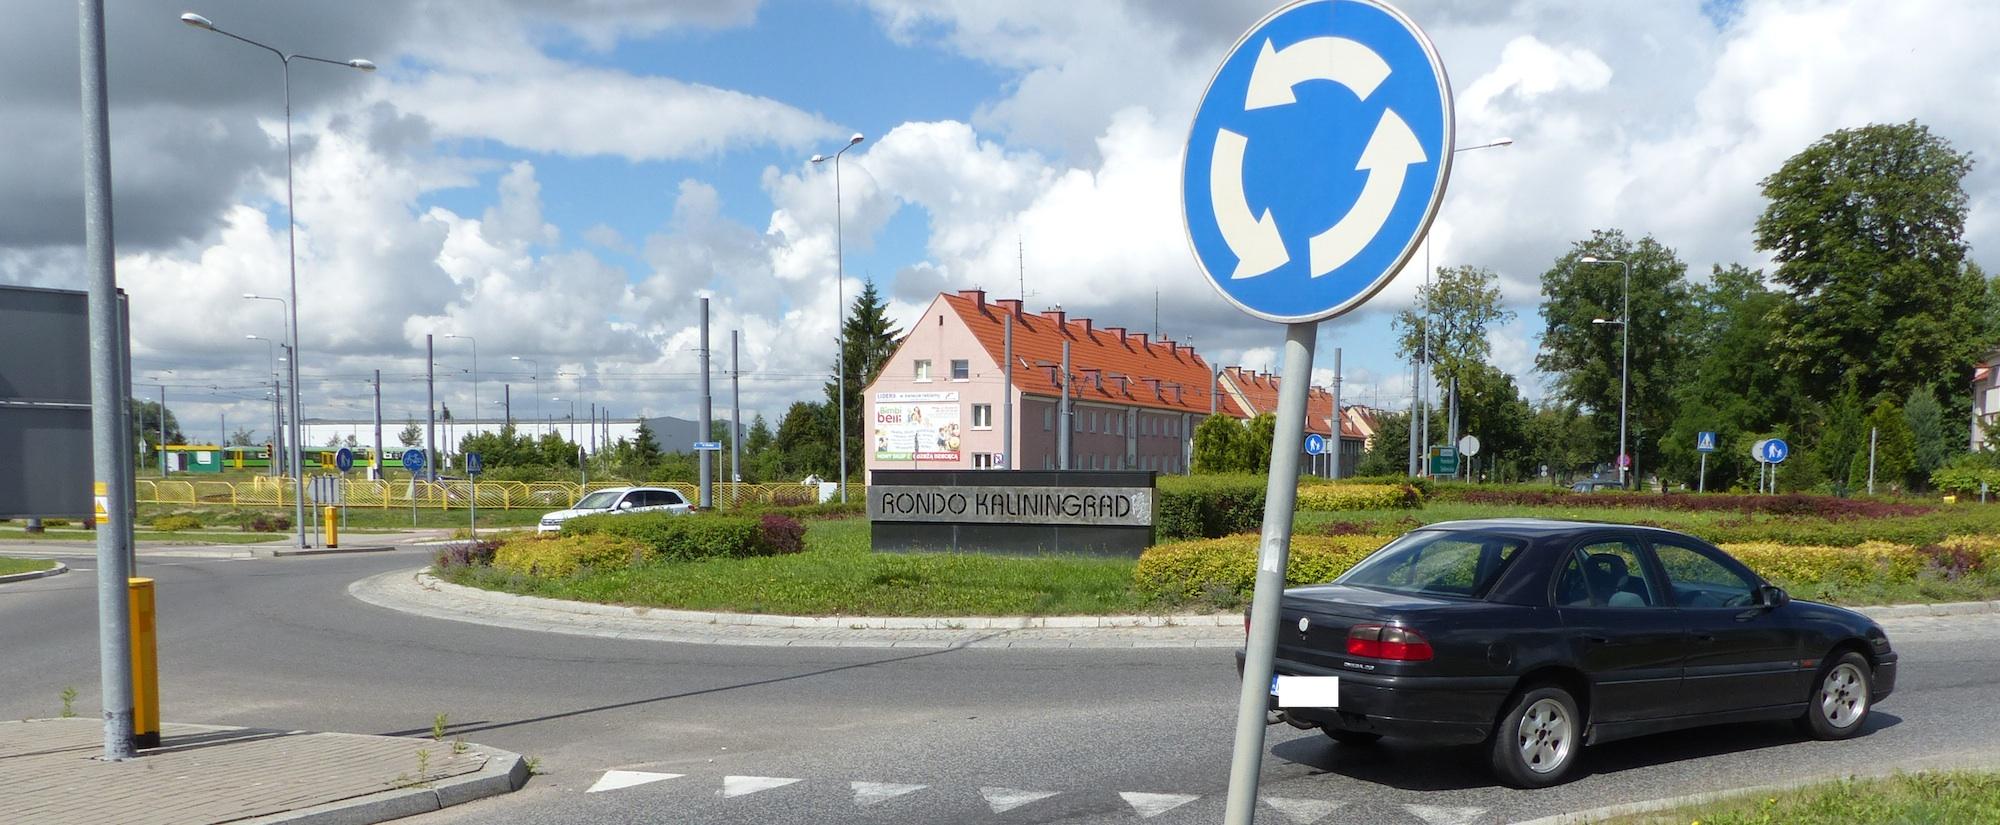 Кольцевая развязка в польском Эльблонге под названием Rondo Kaliningrad